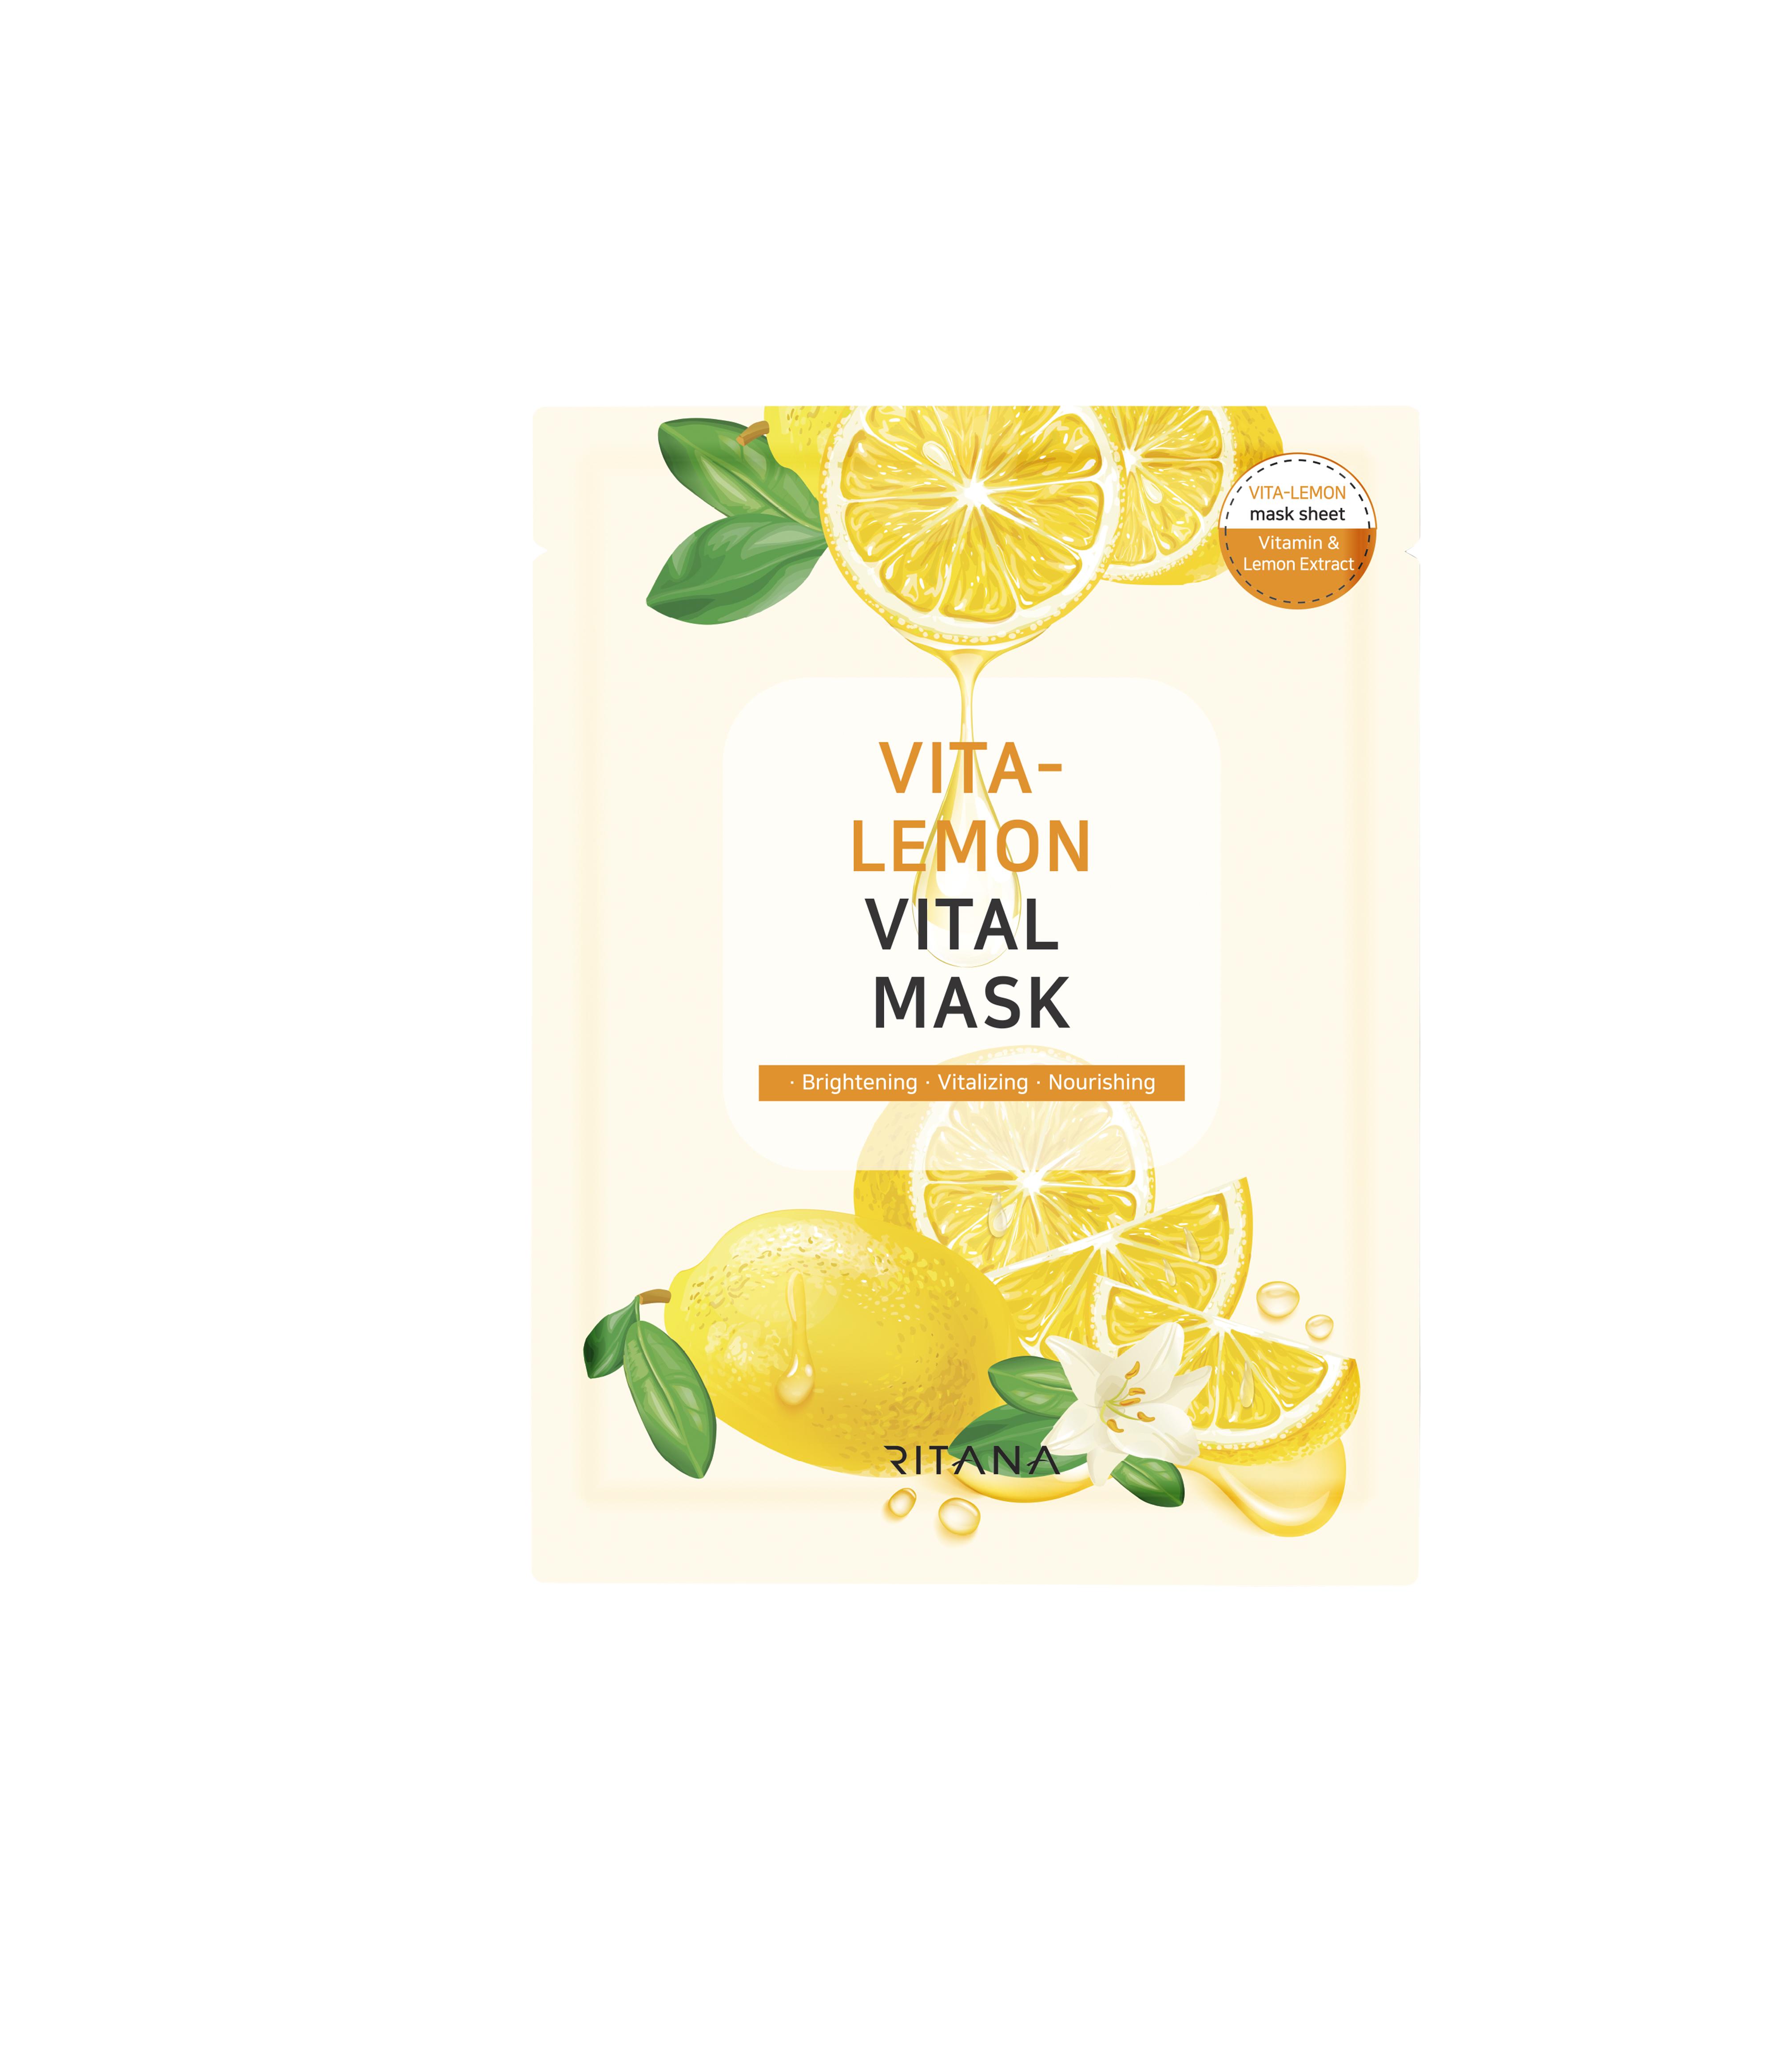 【10枚】リタナ ビタレモン バイタルマスク 10枚